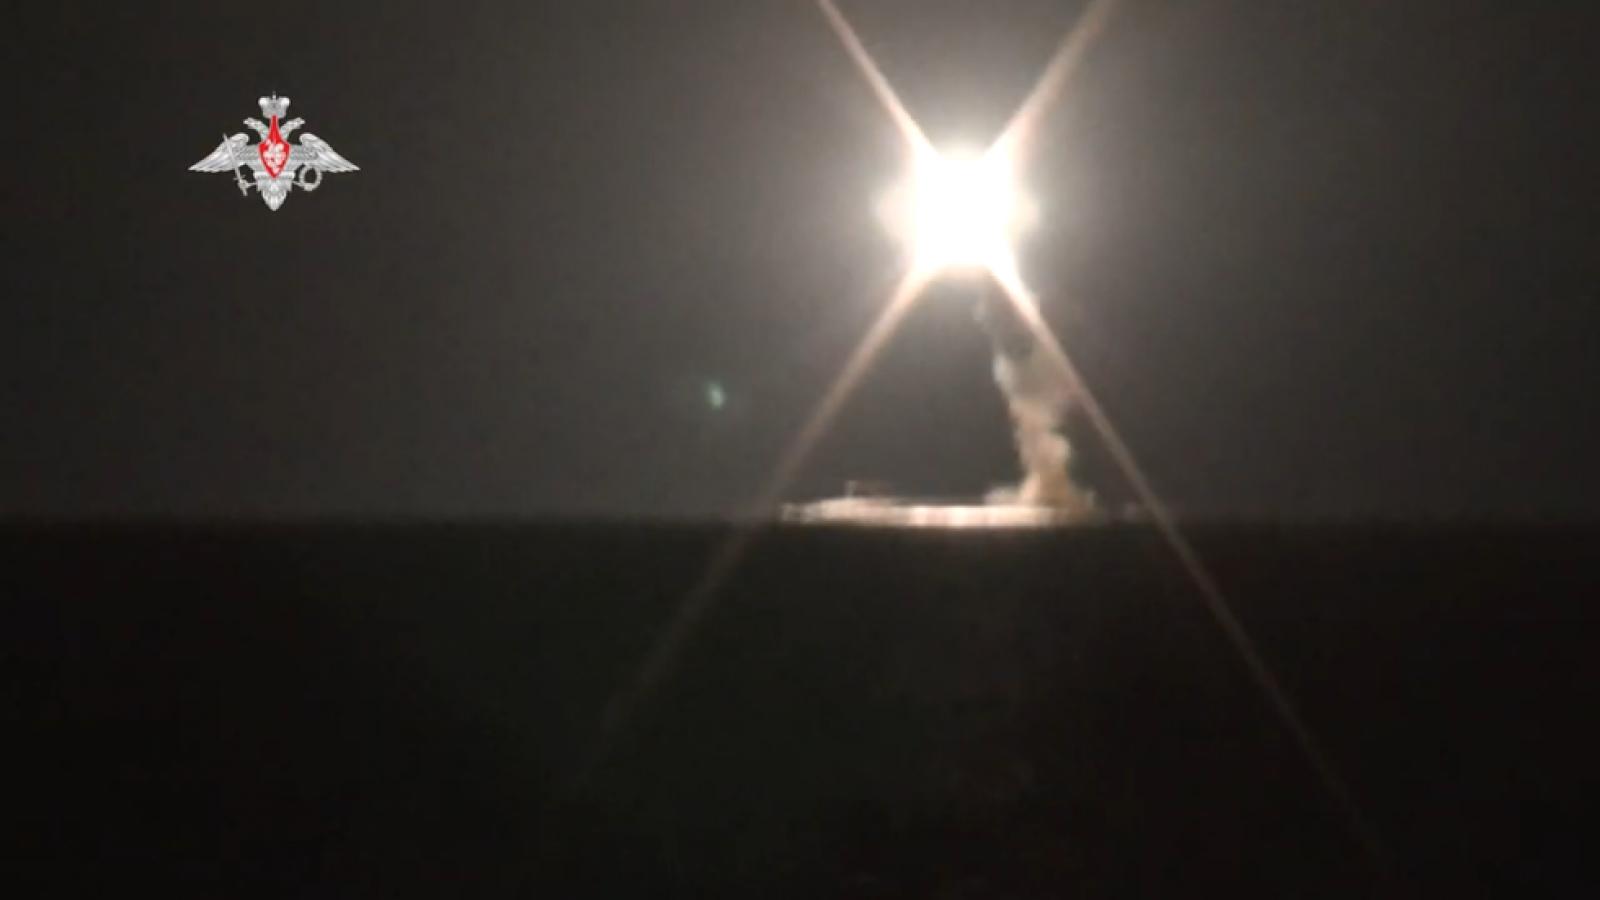 Hải quân Nga phóng thành công tên lửa siêu thanh Zircon từ tàu ngầm hạt nhân